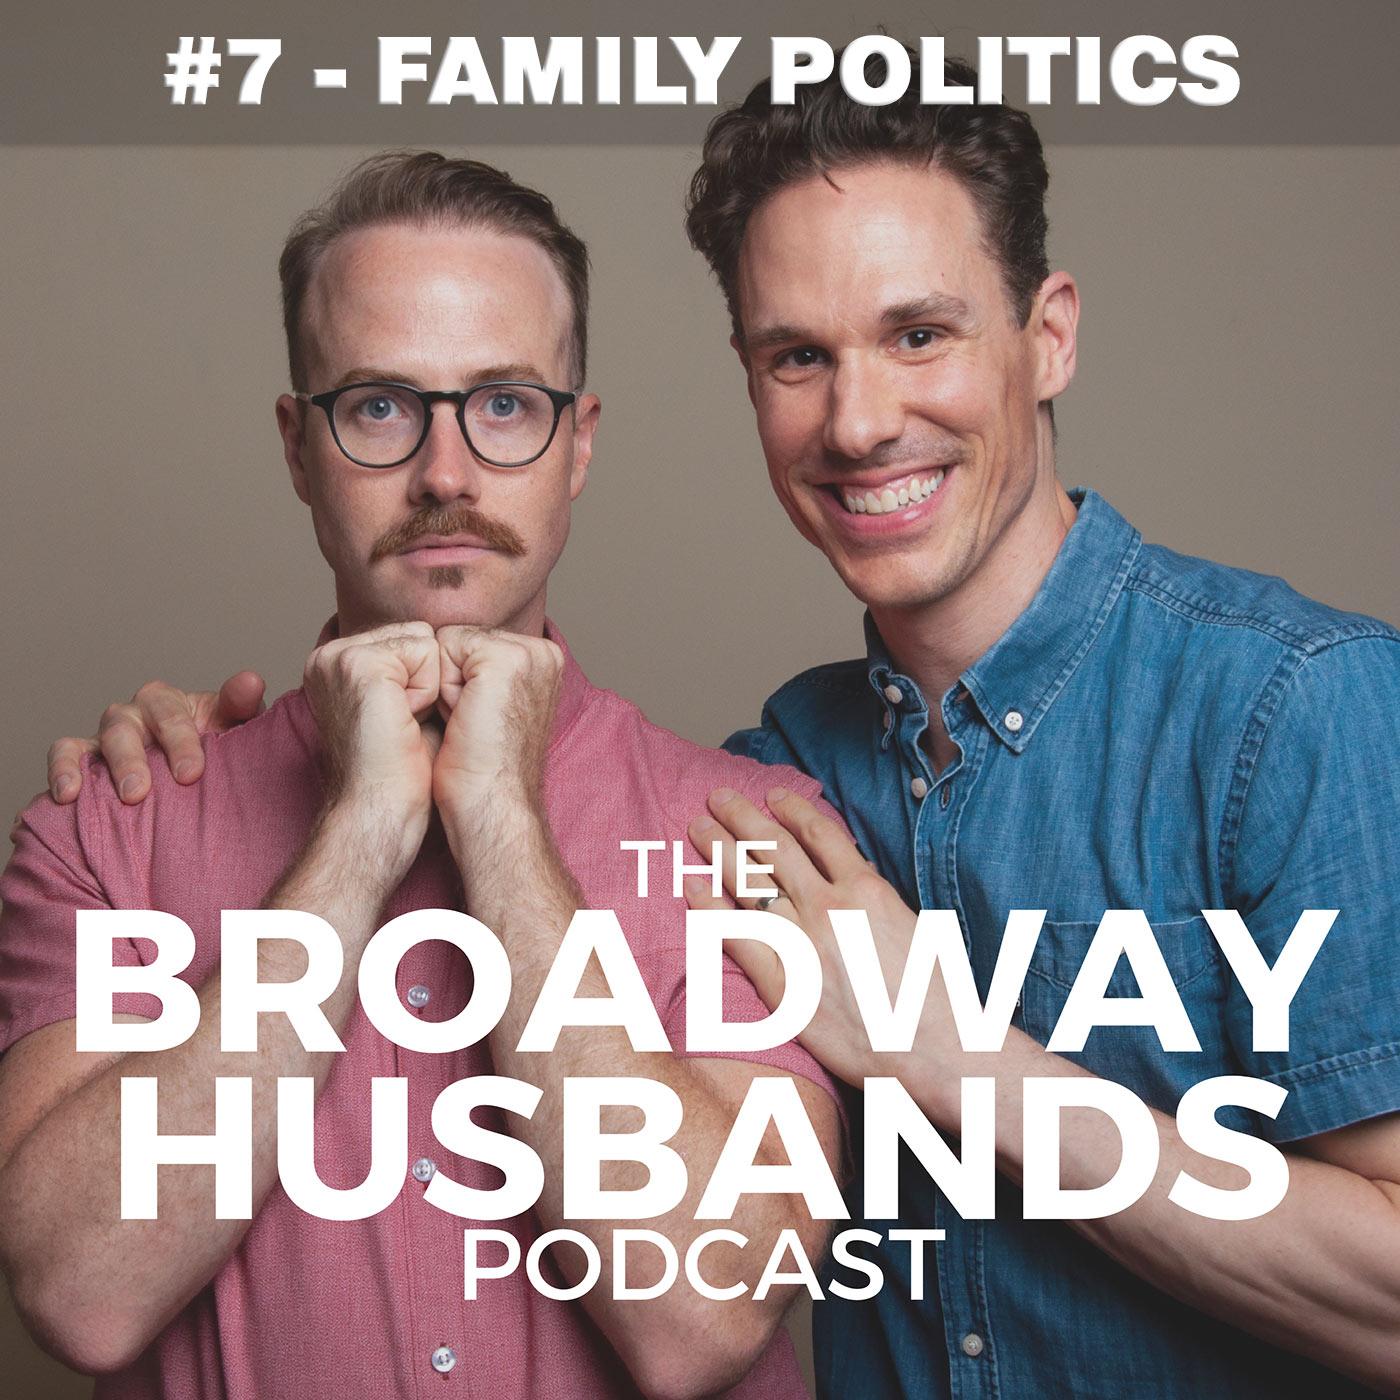 Broadway Husbands Stephen Hanna, Bret Shuford Episode 7 - Family Politics